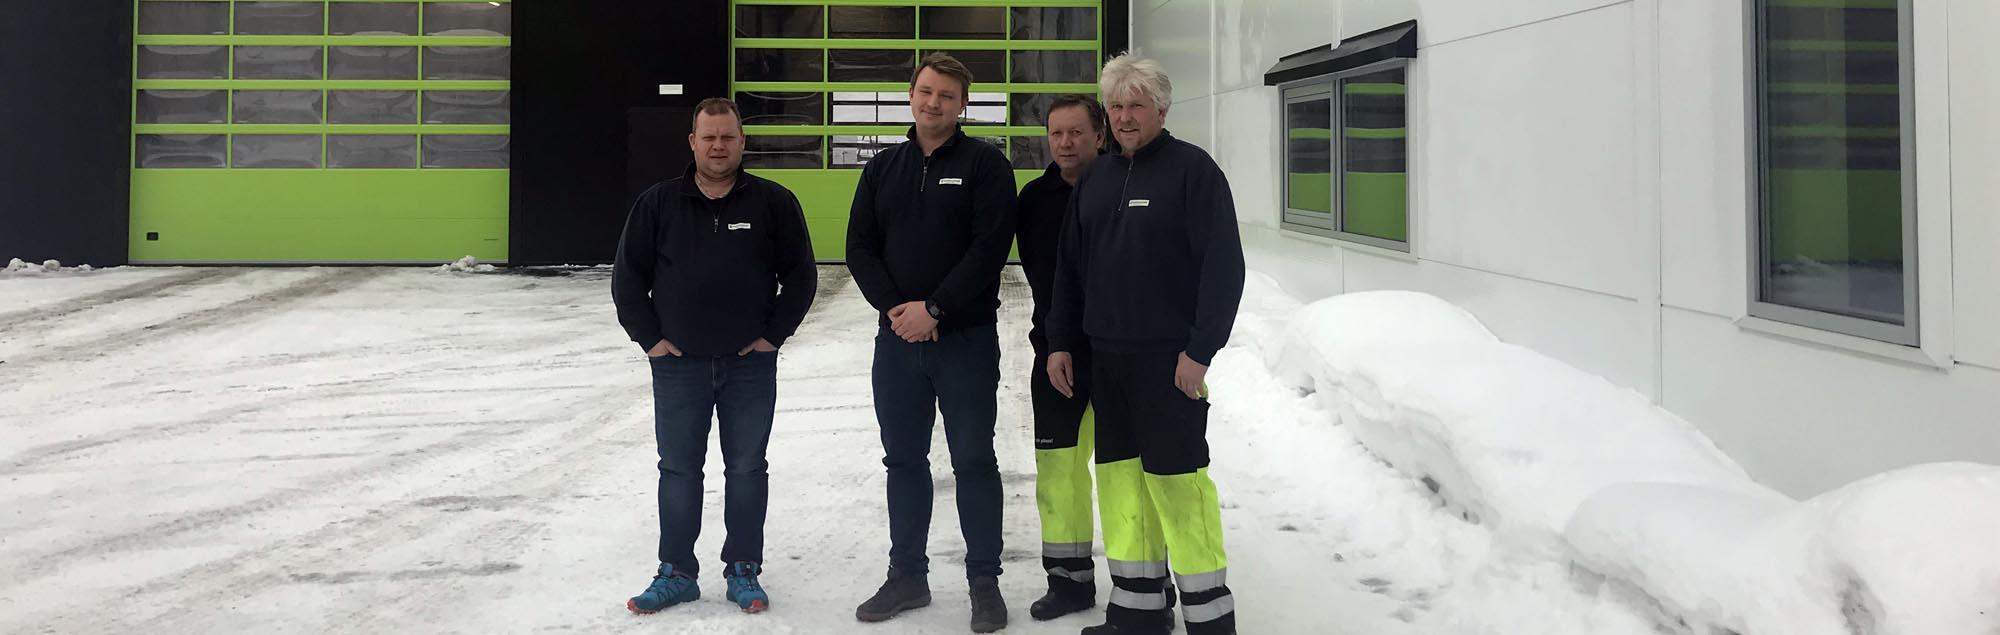 Eiendom har ferdigstilt nytt bygg på Lillehammer